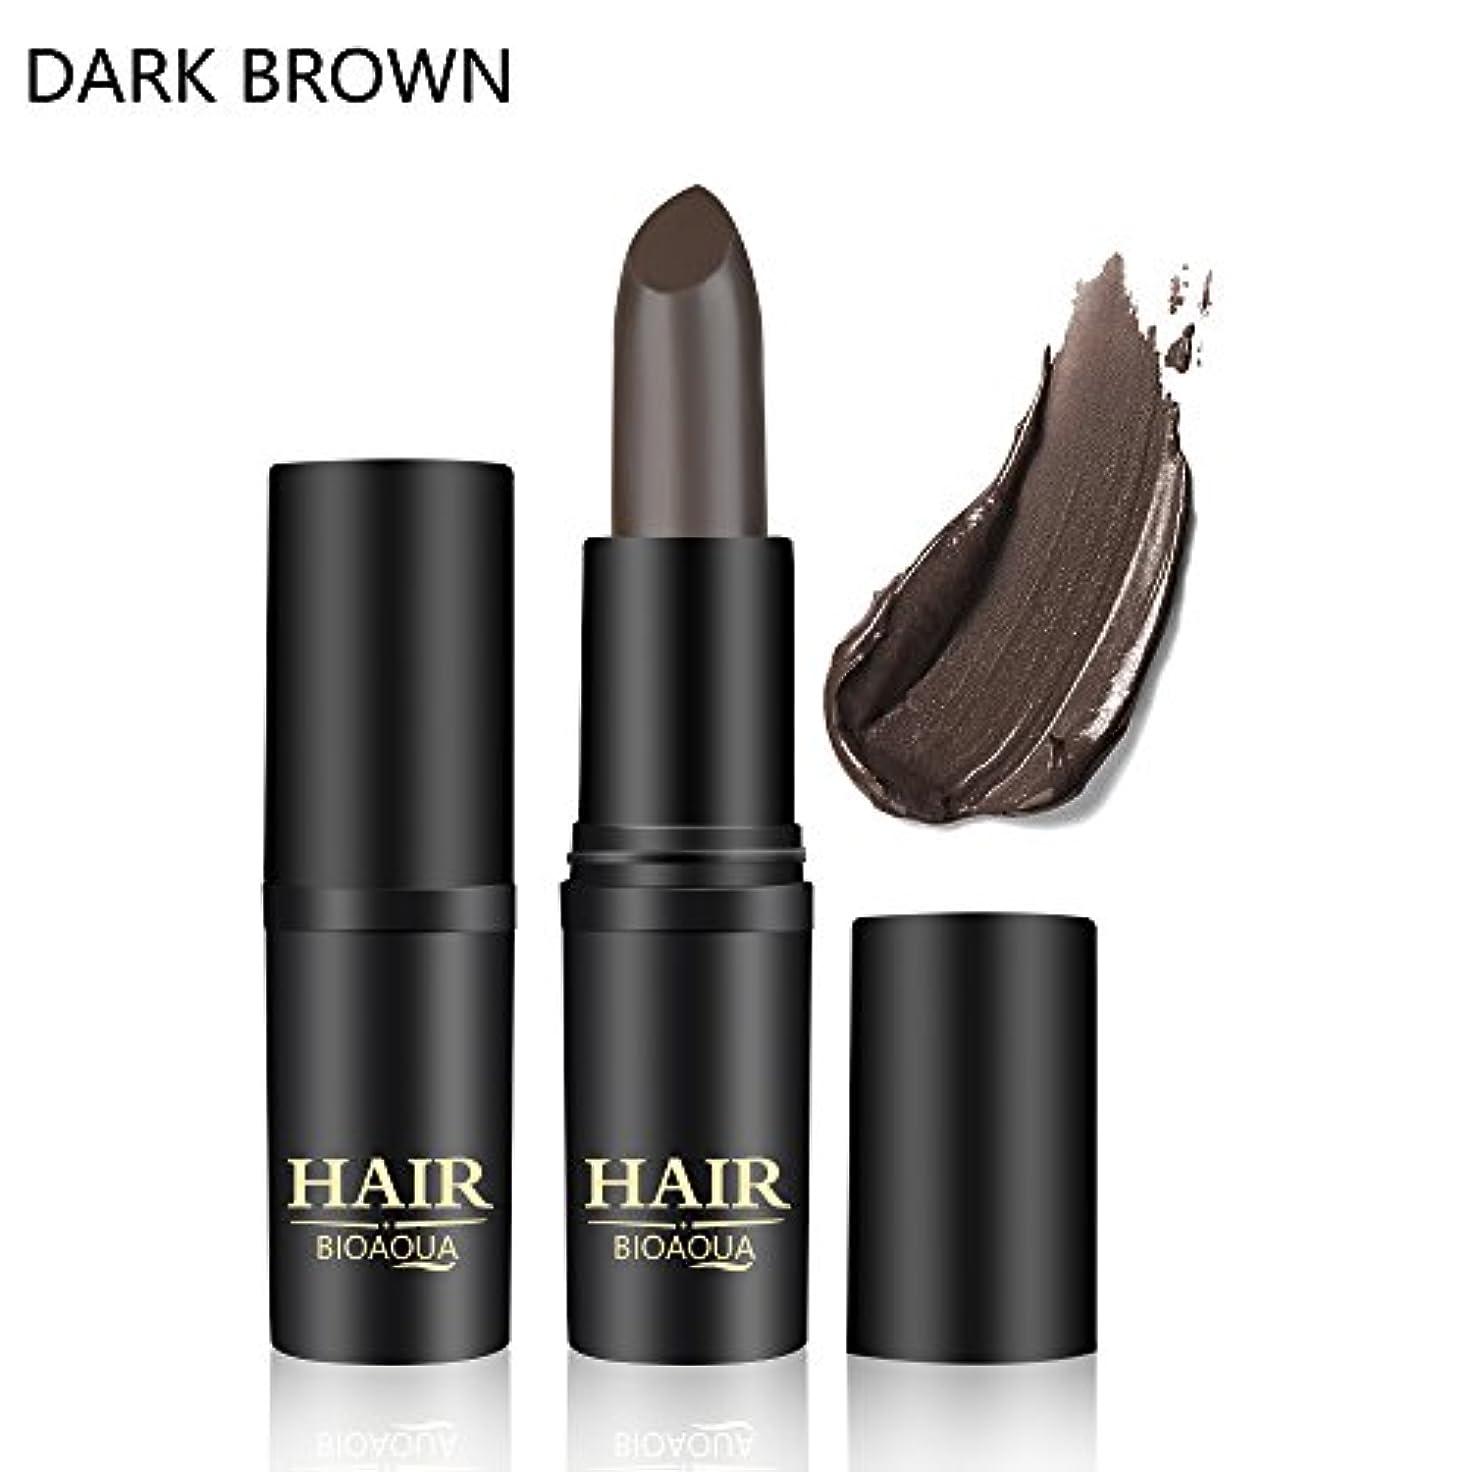 必要ない銅小切手[BROWN] 1PC Temporary Hair Dye Cream Mild Fast One-off Hair Color Stick Pen Cover White Hair DIY Styling Makeup...